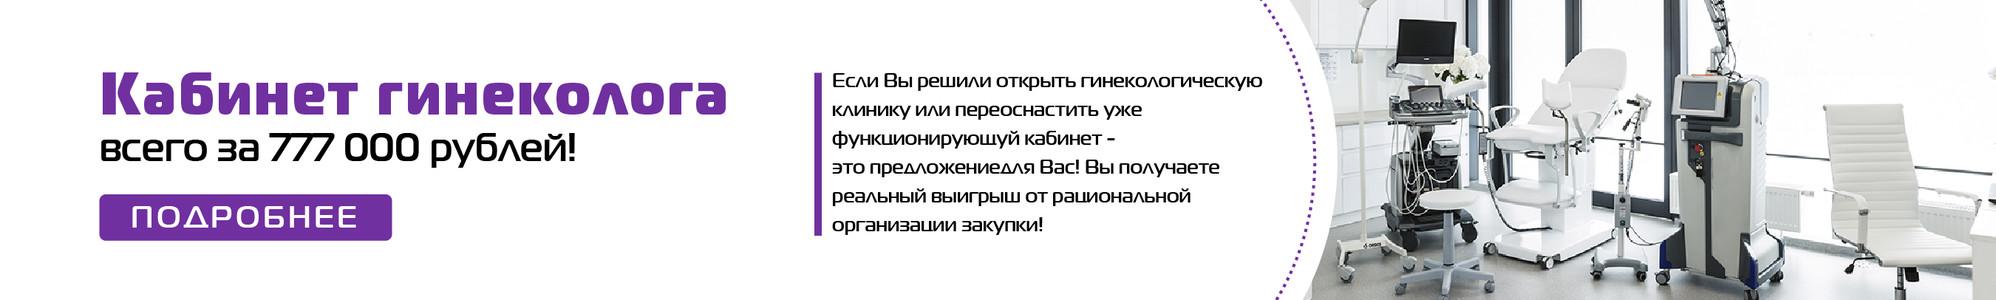 Алмаг 02 коксартроз